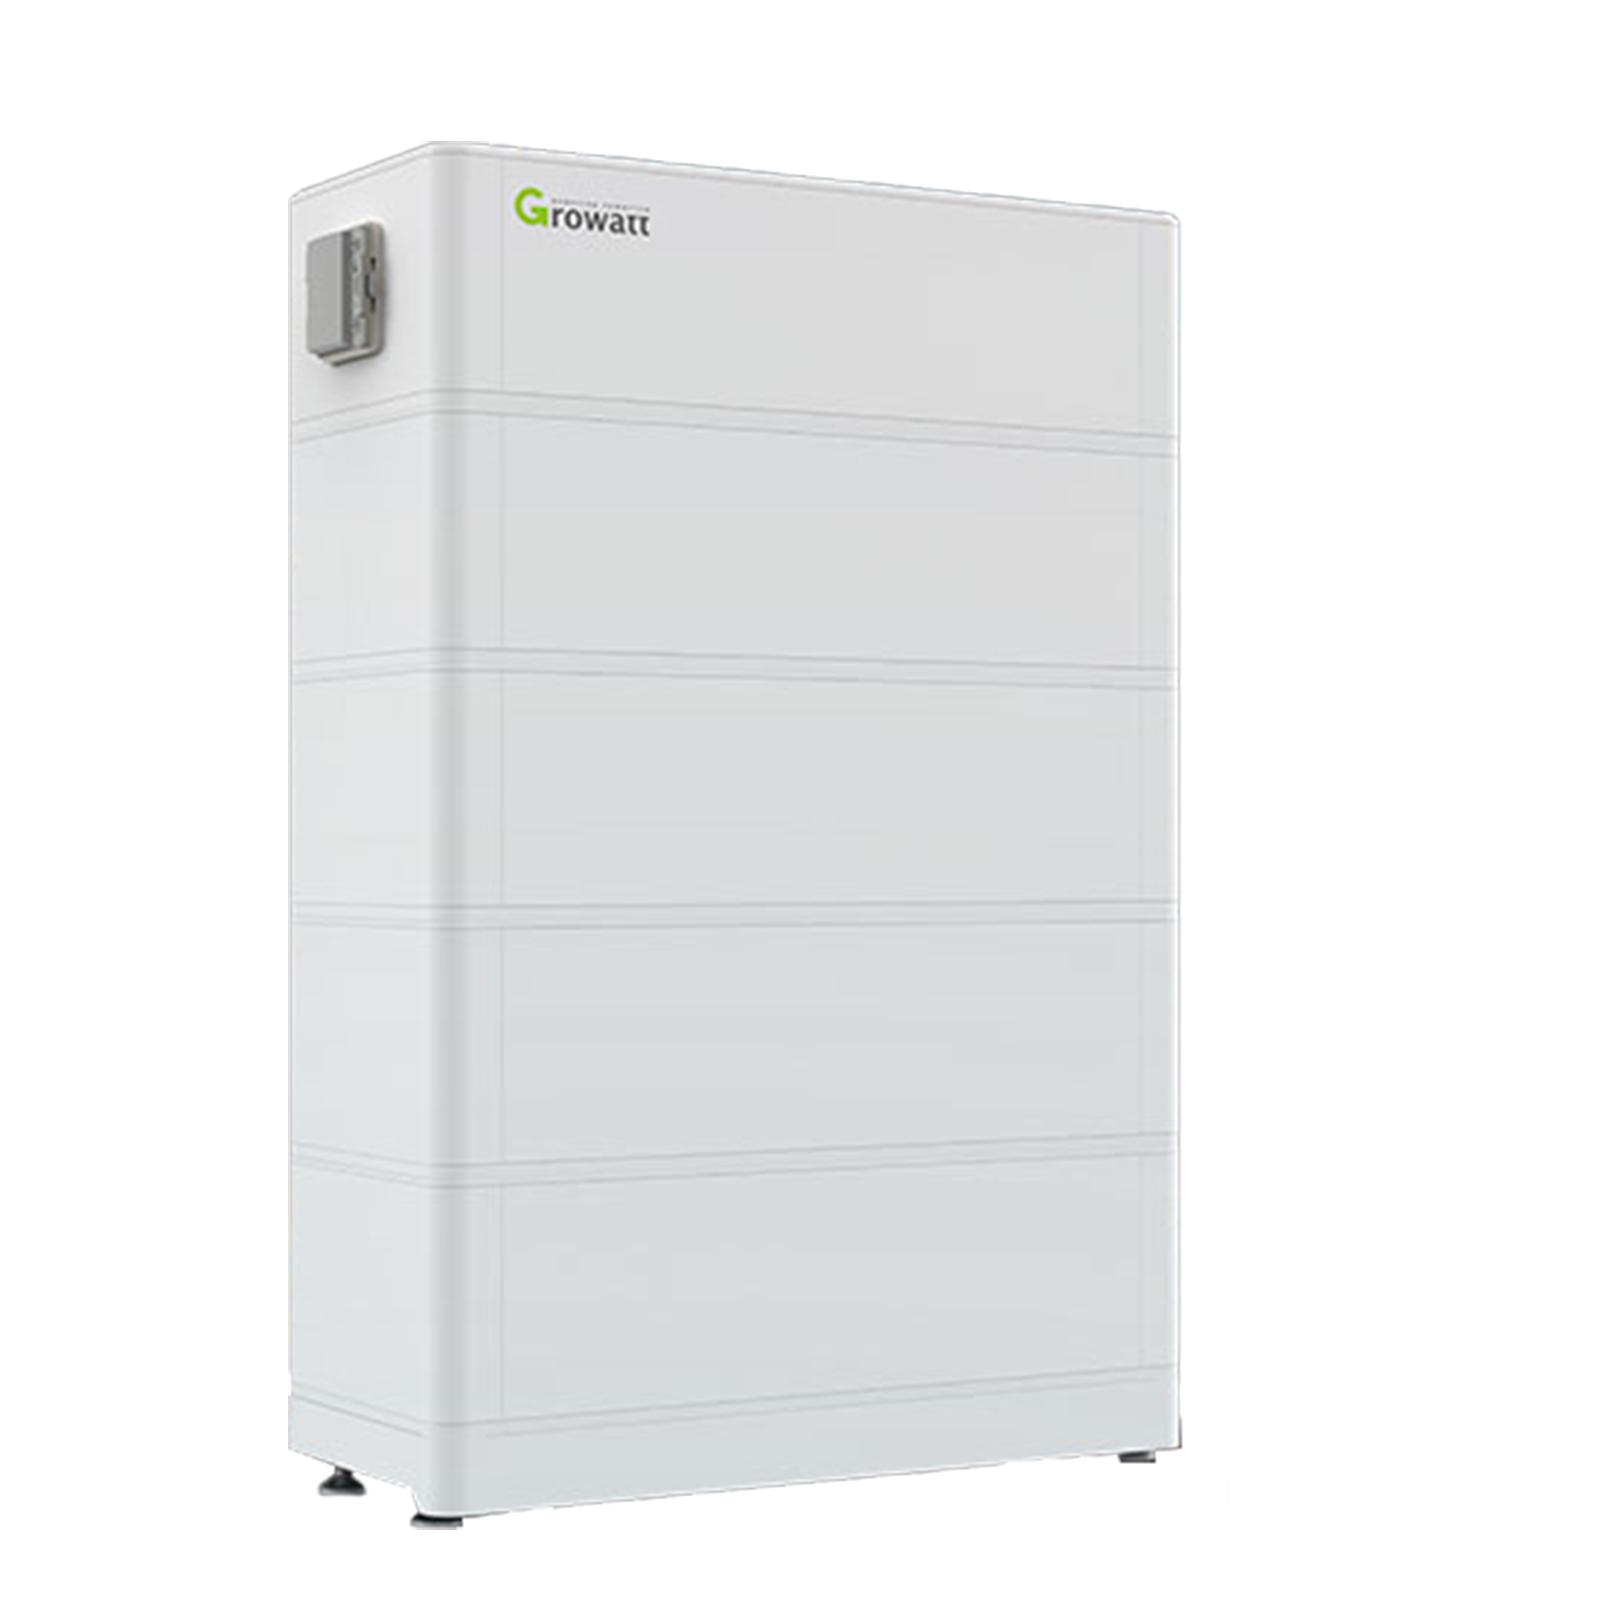 Solar-Speicher-Systeme von Growatt - Das Speichersystem von Growatt